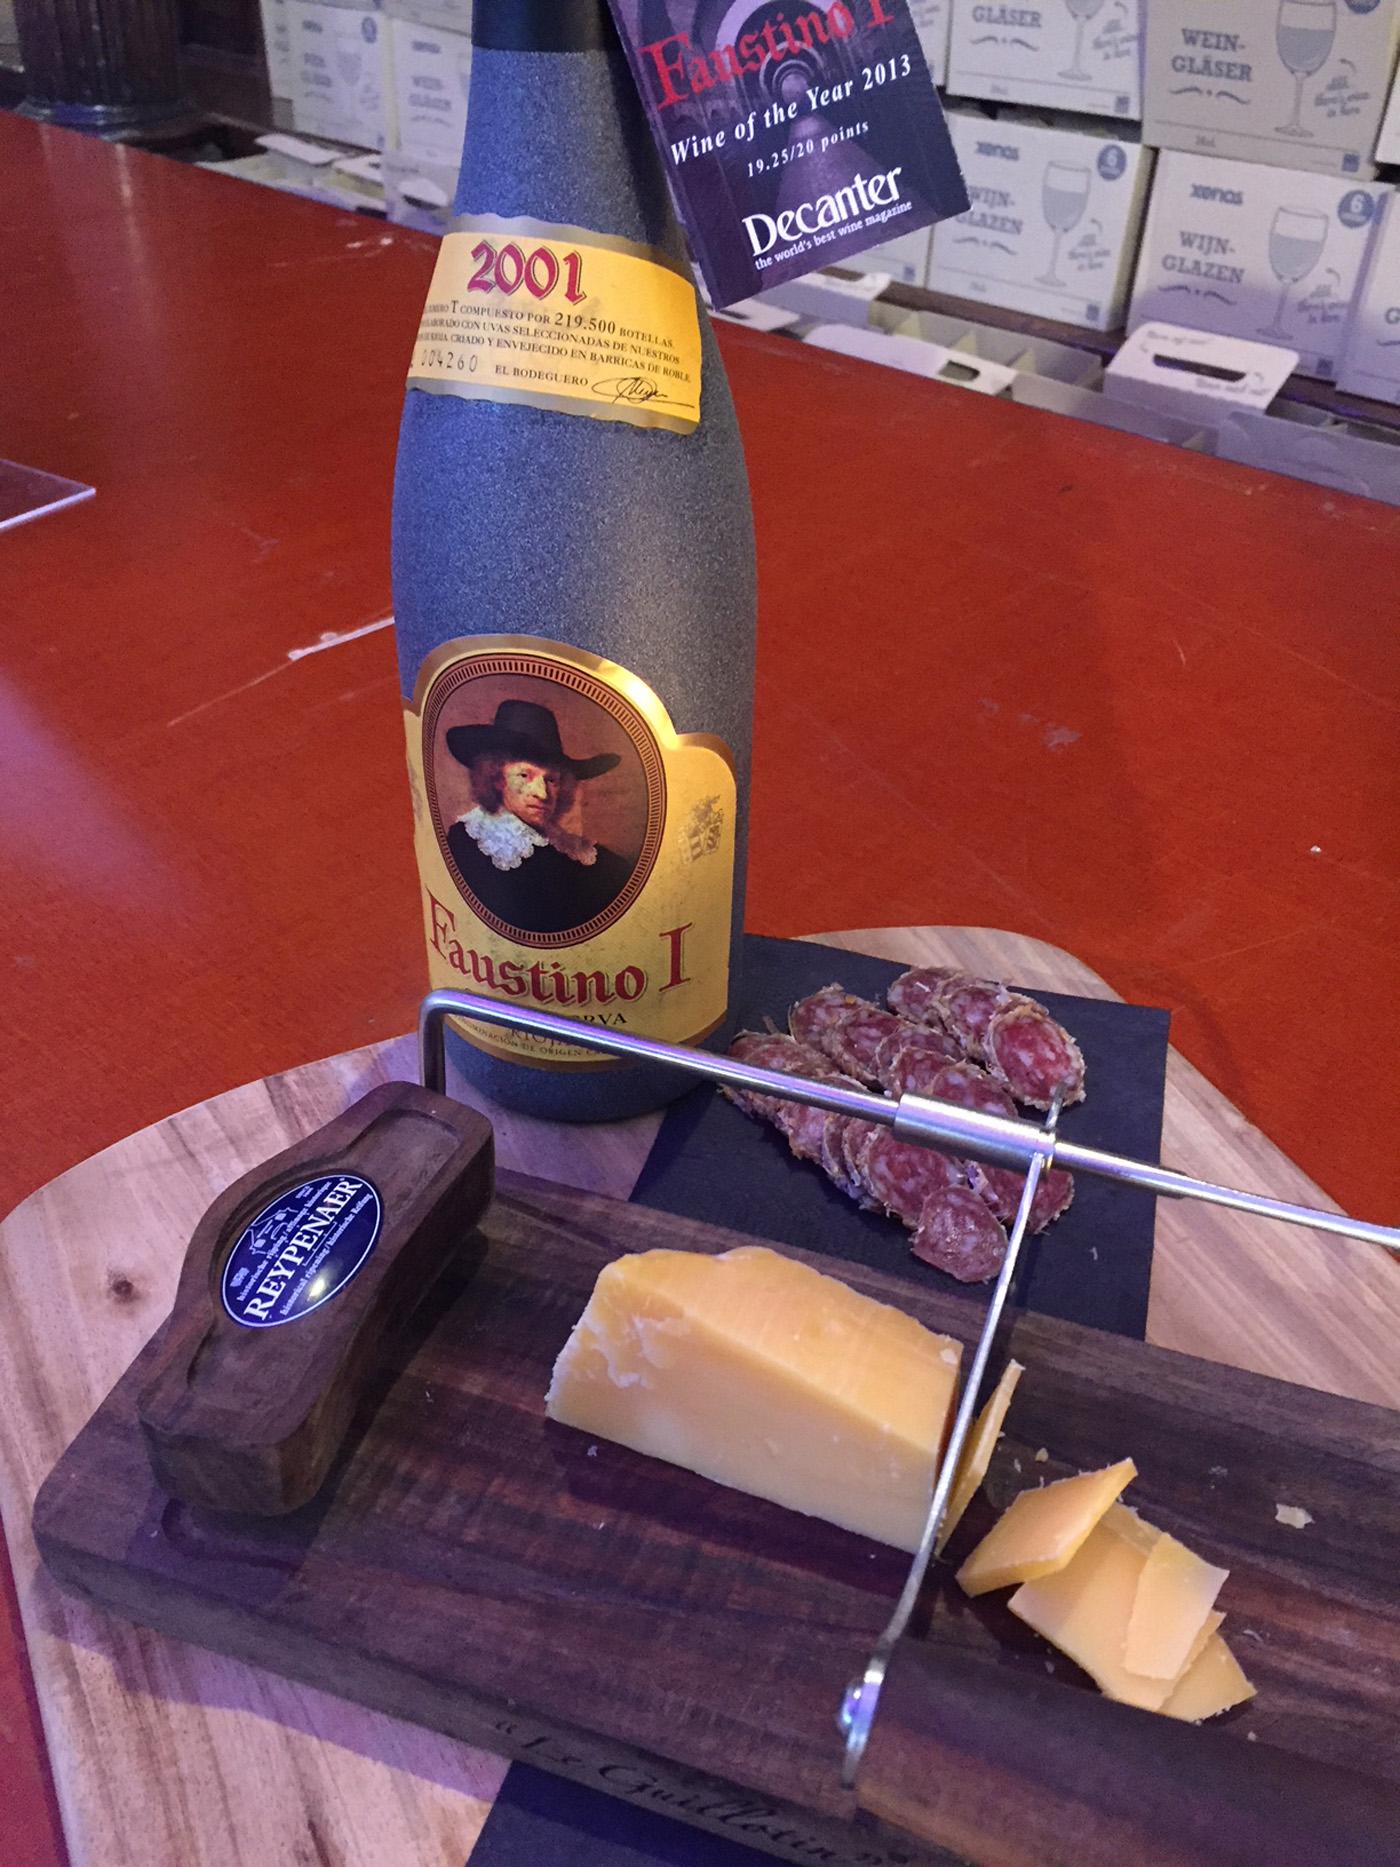 Faustino I Grand Reserva met kaasplankje op wijnfestival Groningen 2017